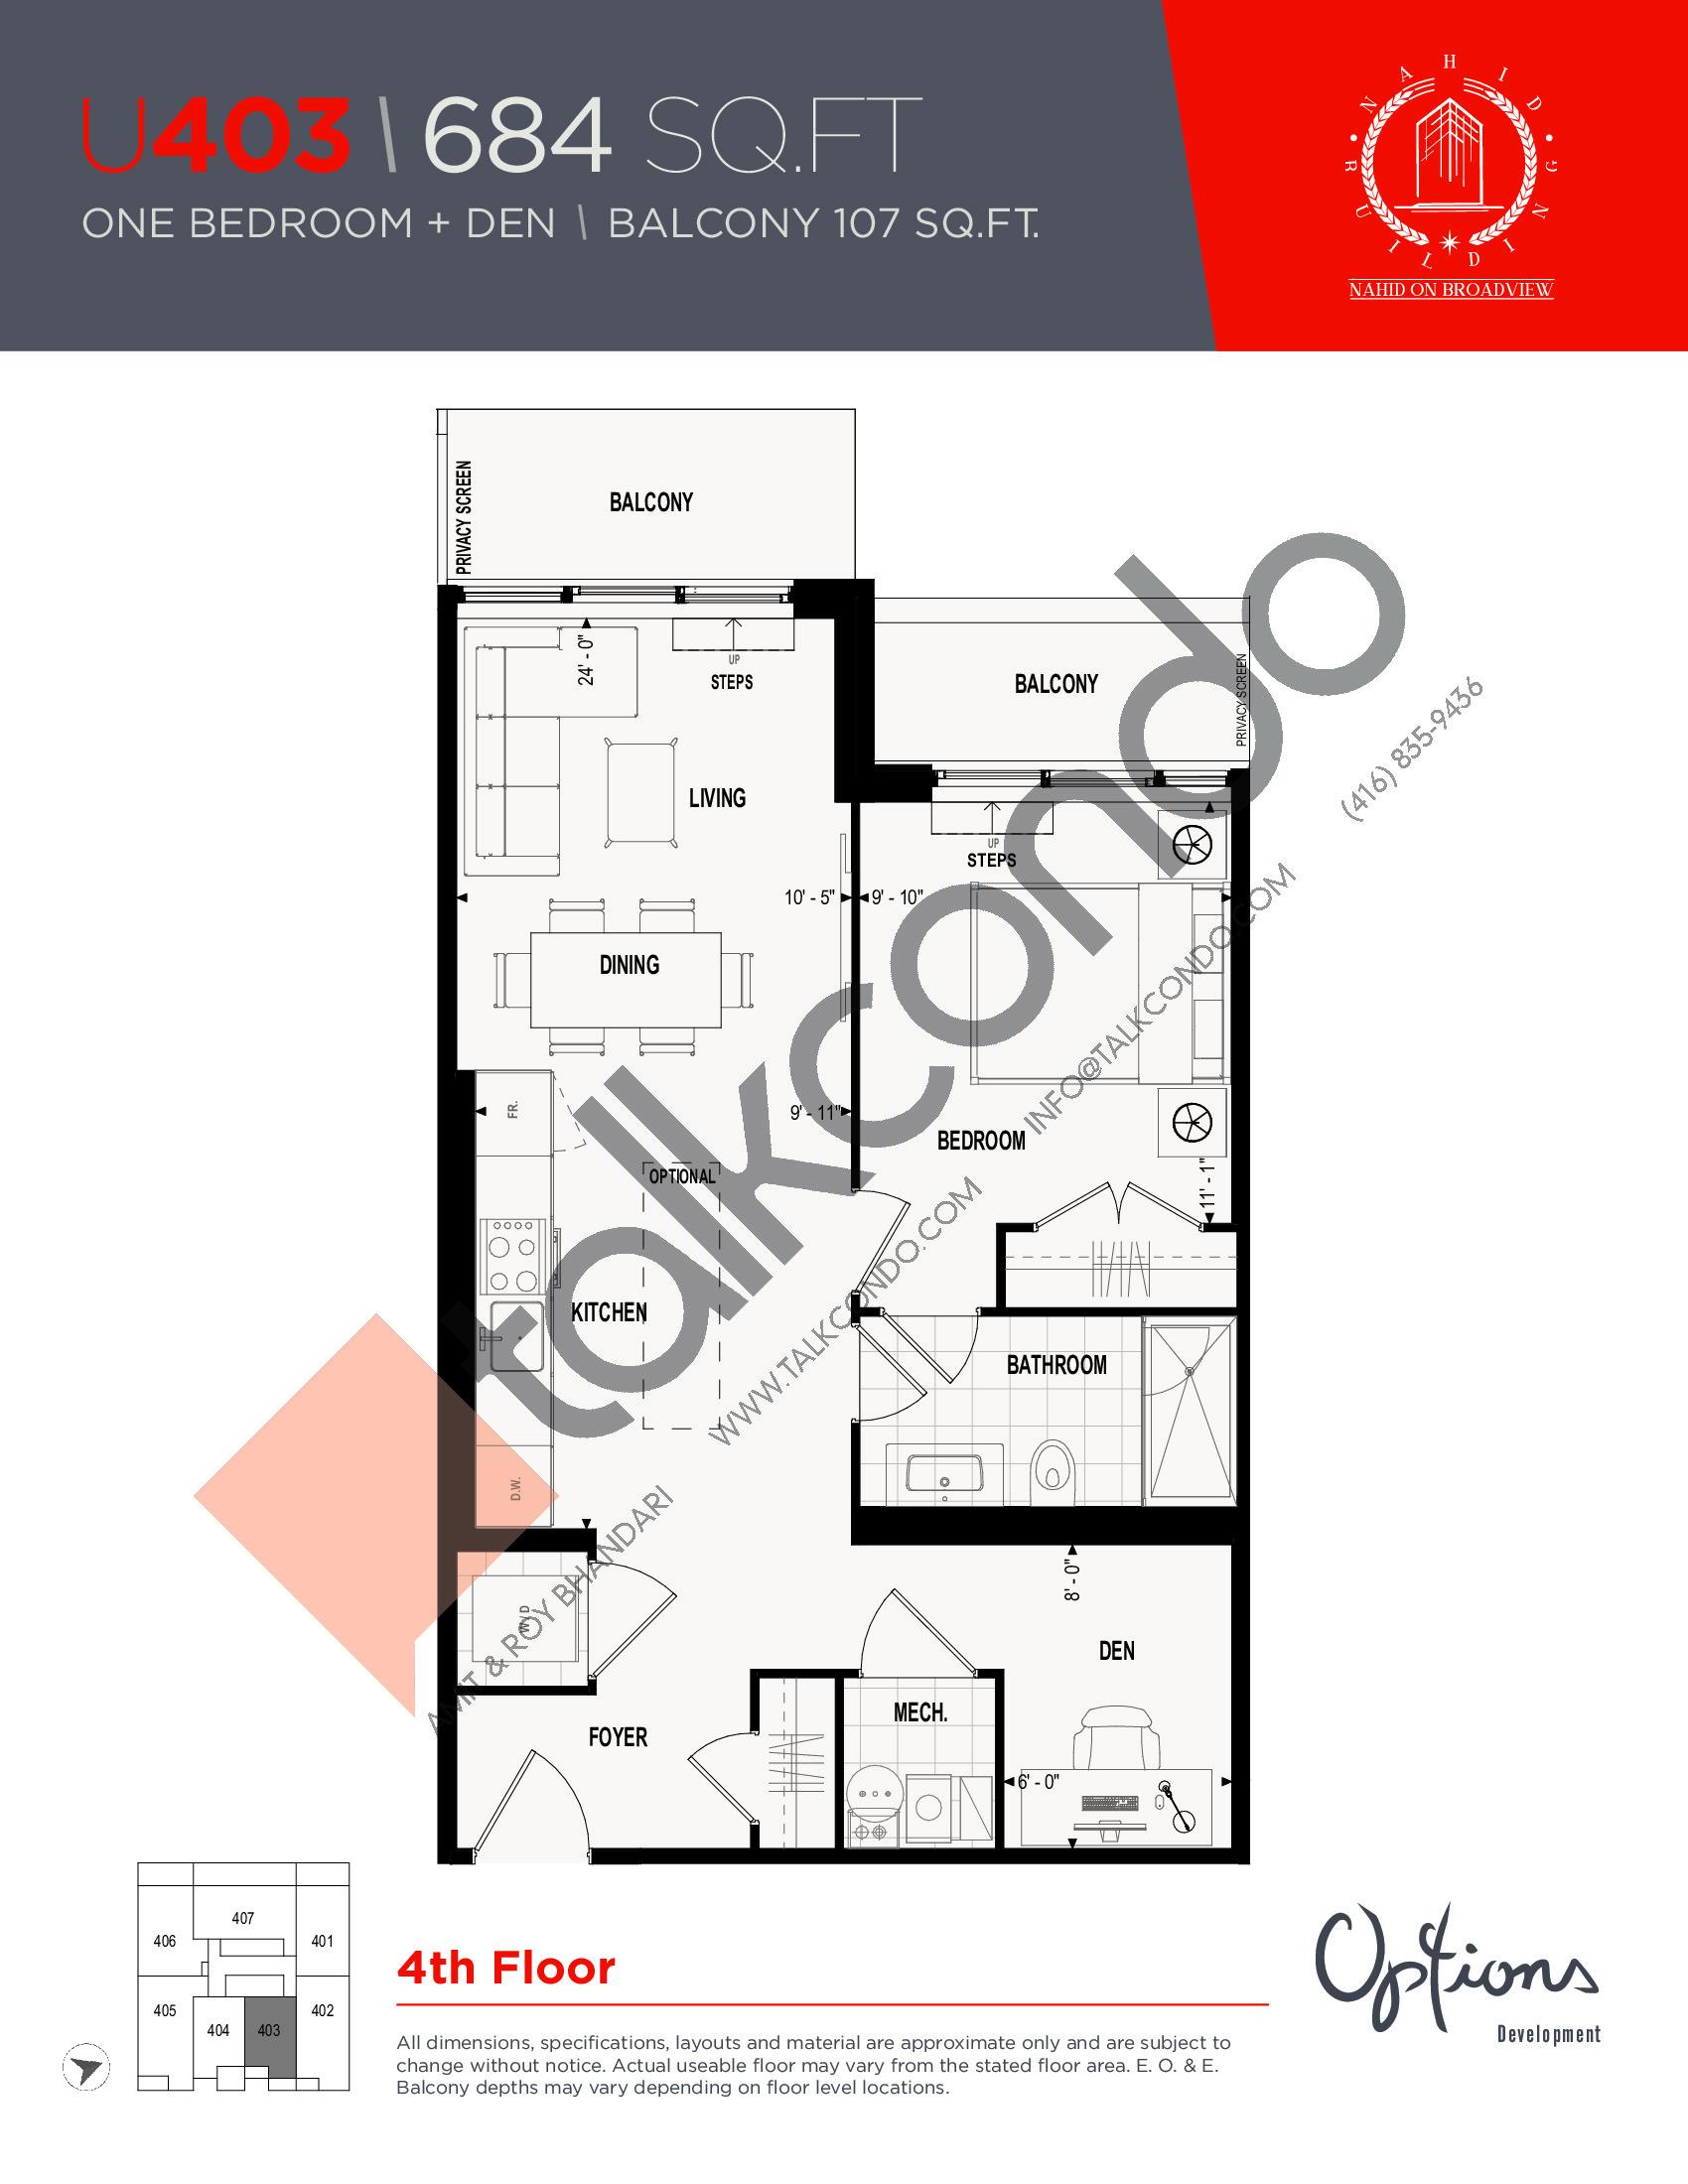 U403 Floor Plan at Nahid on Broadview Condos - 684 sq.ft